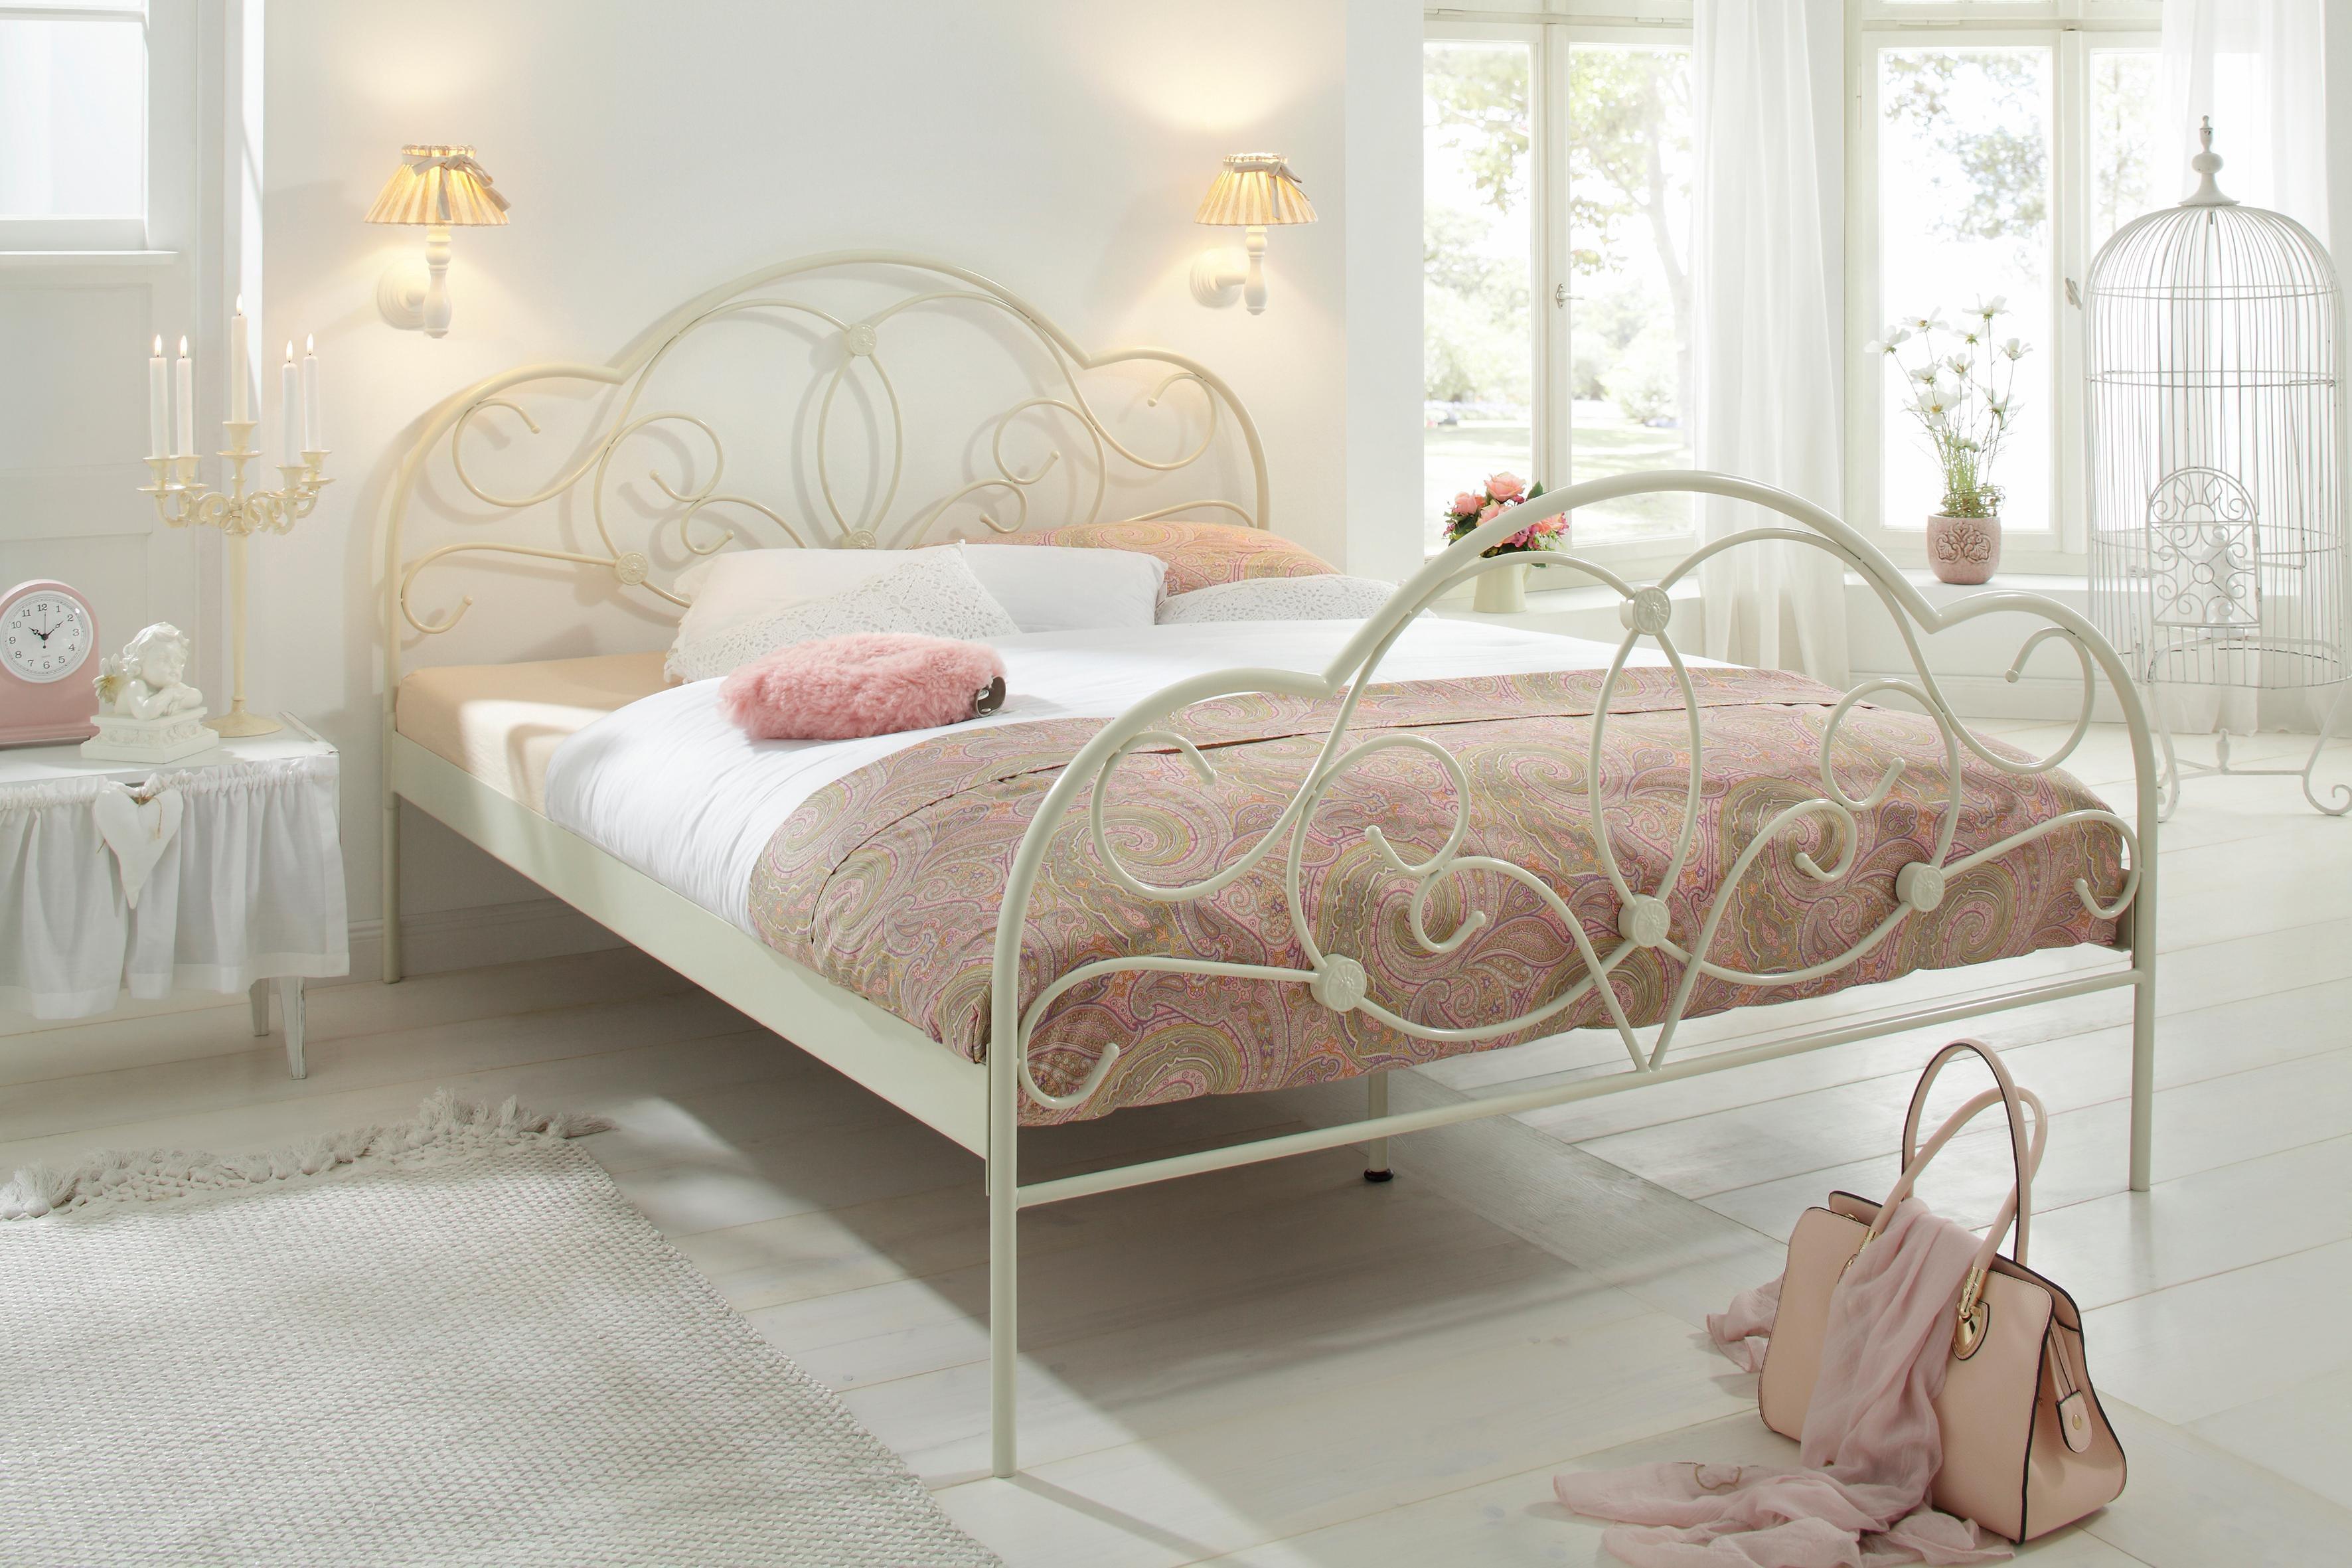 Home affaire Metallbett | Schlafzimmer > Betten > Metallbetten | Home affaire